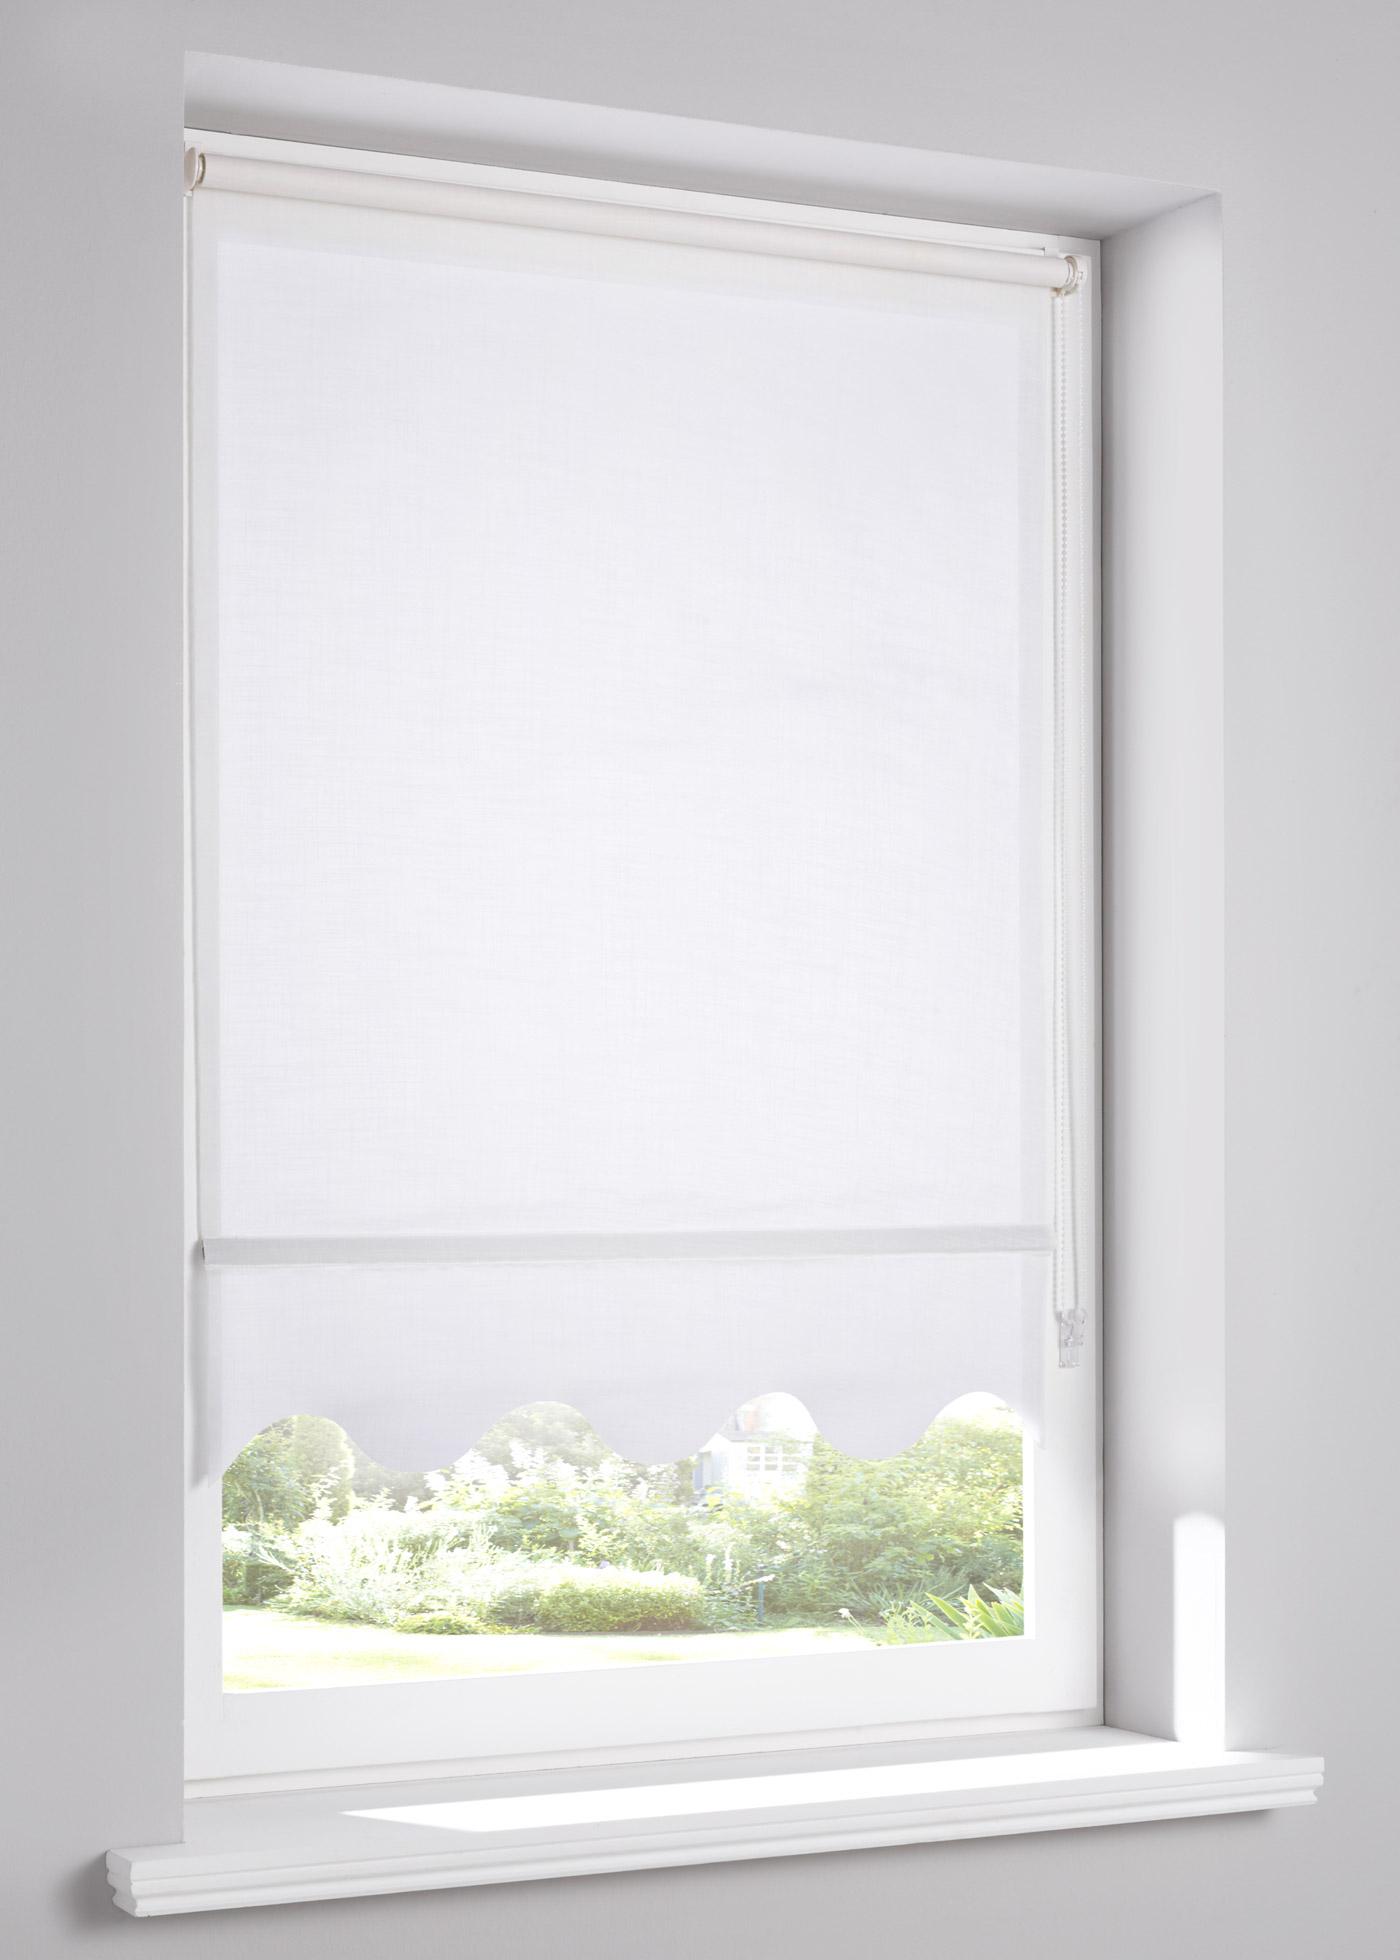 """Store enrouleur occultant aspect lin avec bordure ondulée, hauteur modulable en continu à l""""aide d""""une chaînette à monter à droite ou à gauche au choix, pose facile avec supports à clipser directement sur le cadre de la fenêtre (convient pour un"""